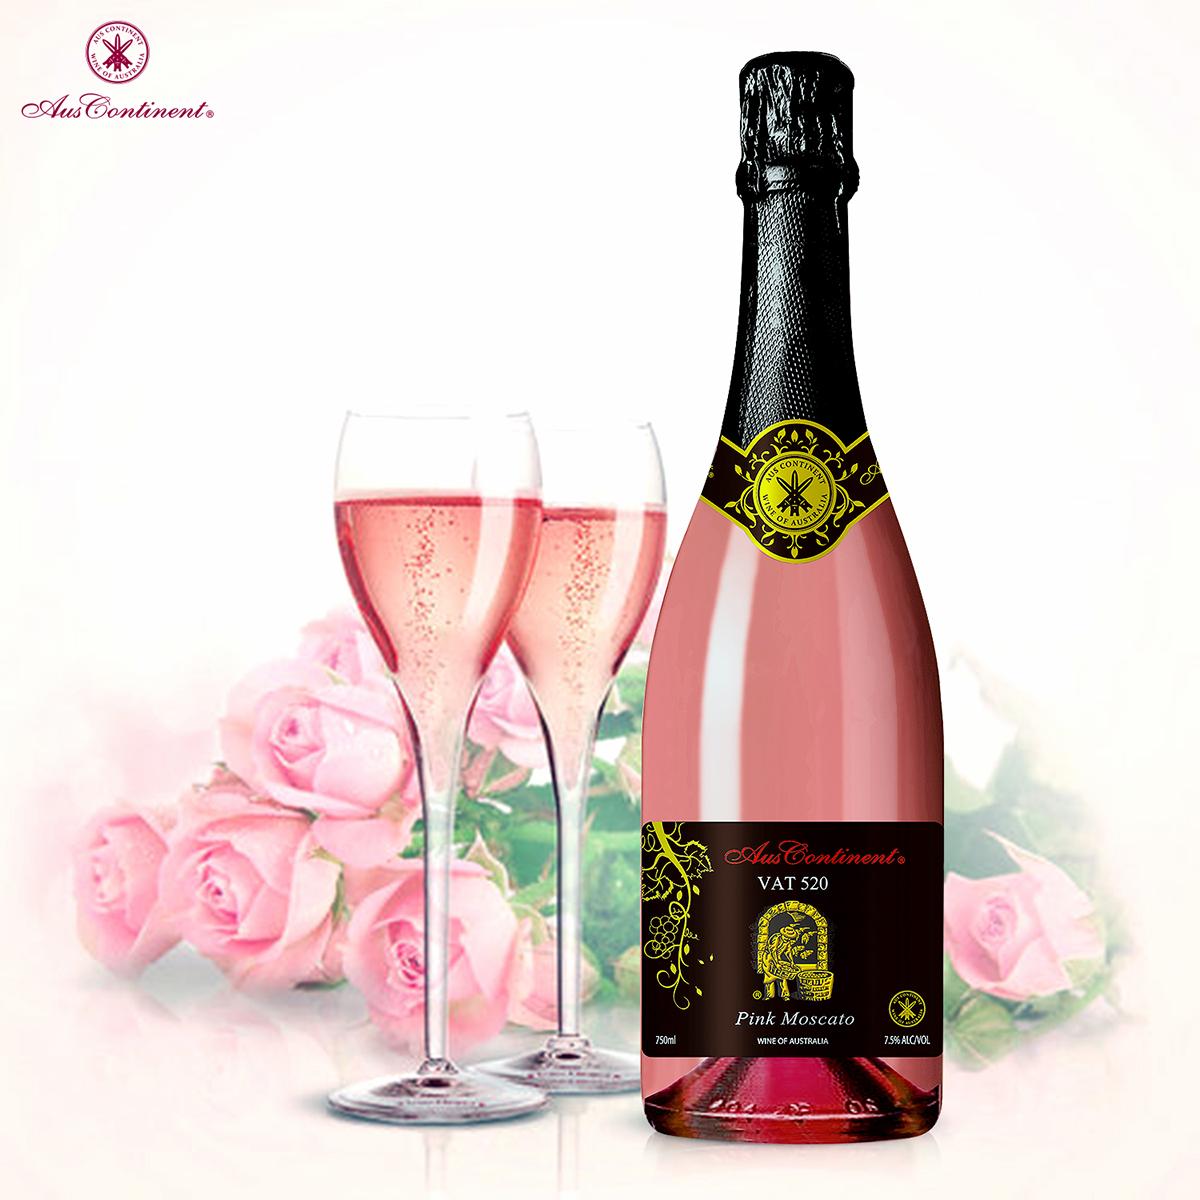 澳大利亚南澳产区澳洲大陆酒庄麝香VAT 520 莫斯卡特粉红起泡酒